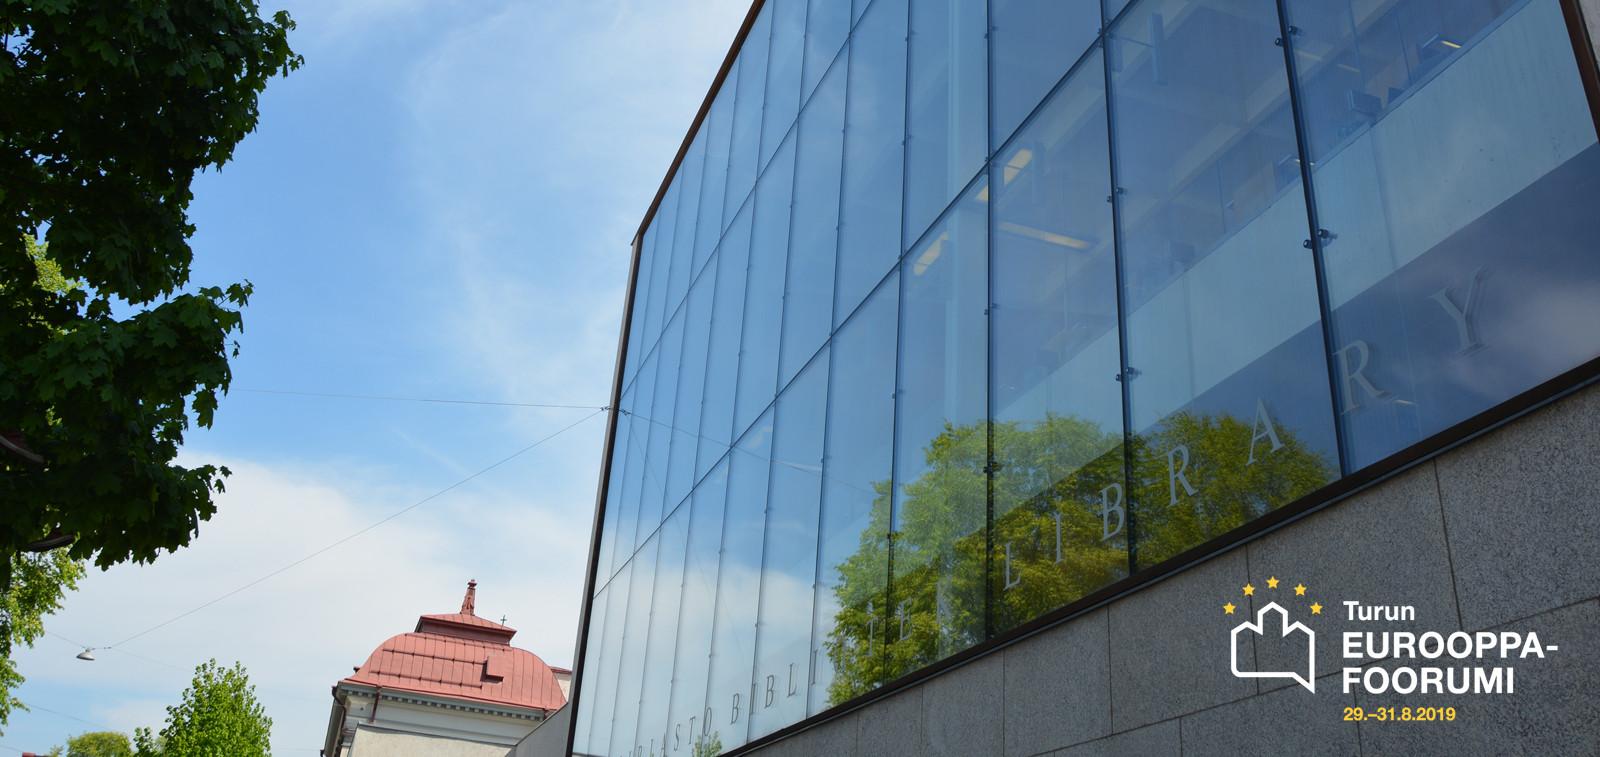 Turun Eurooppa-foorumi Studiossa ja Kirjastopihalla sekä Vähätorilla